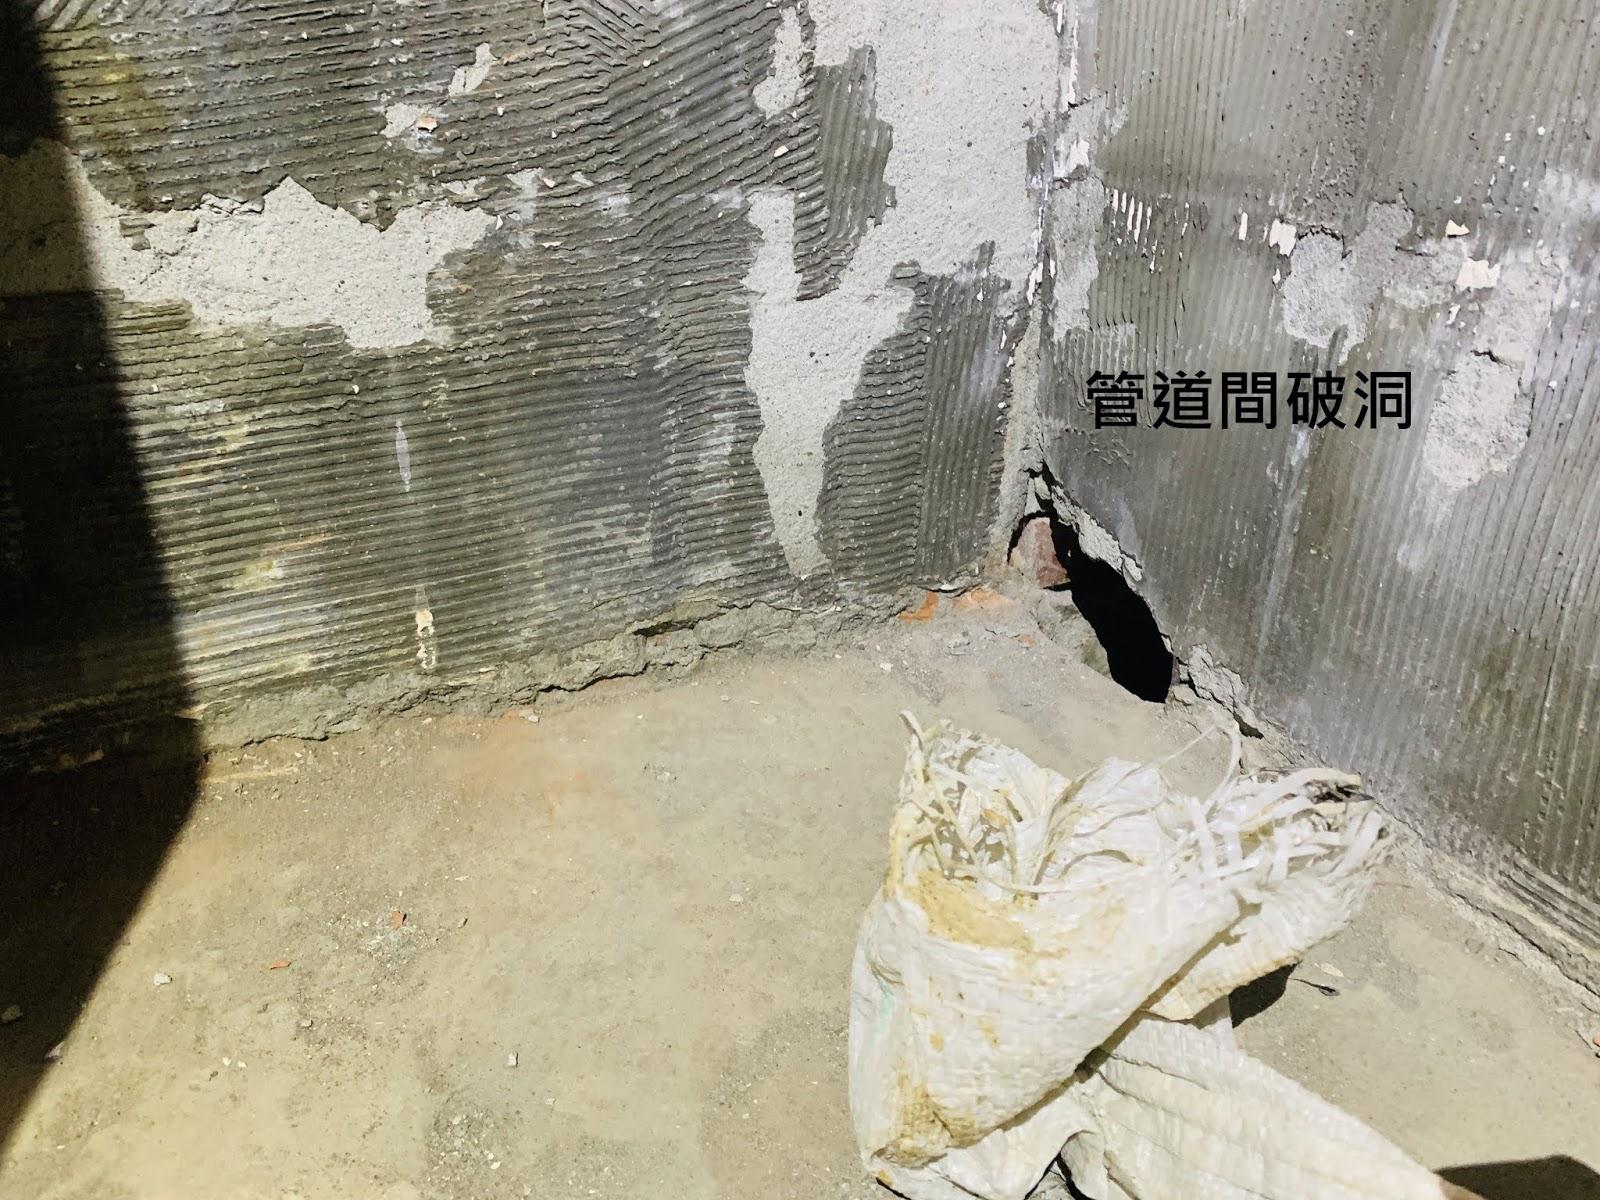 浴室管道間破洞